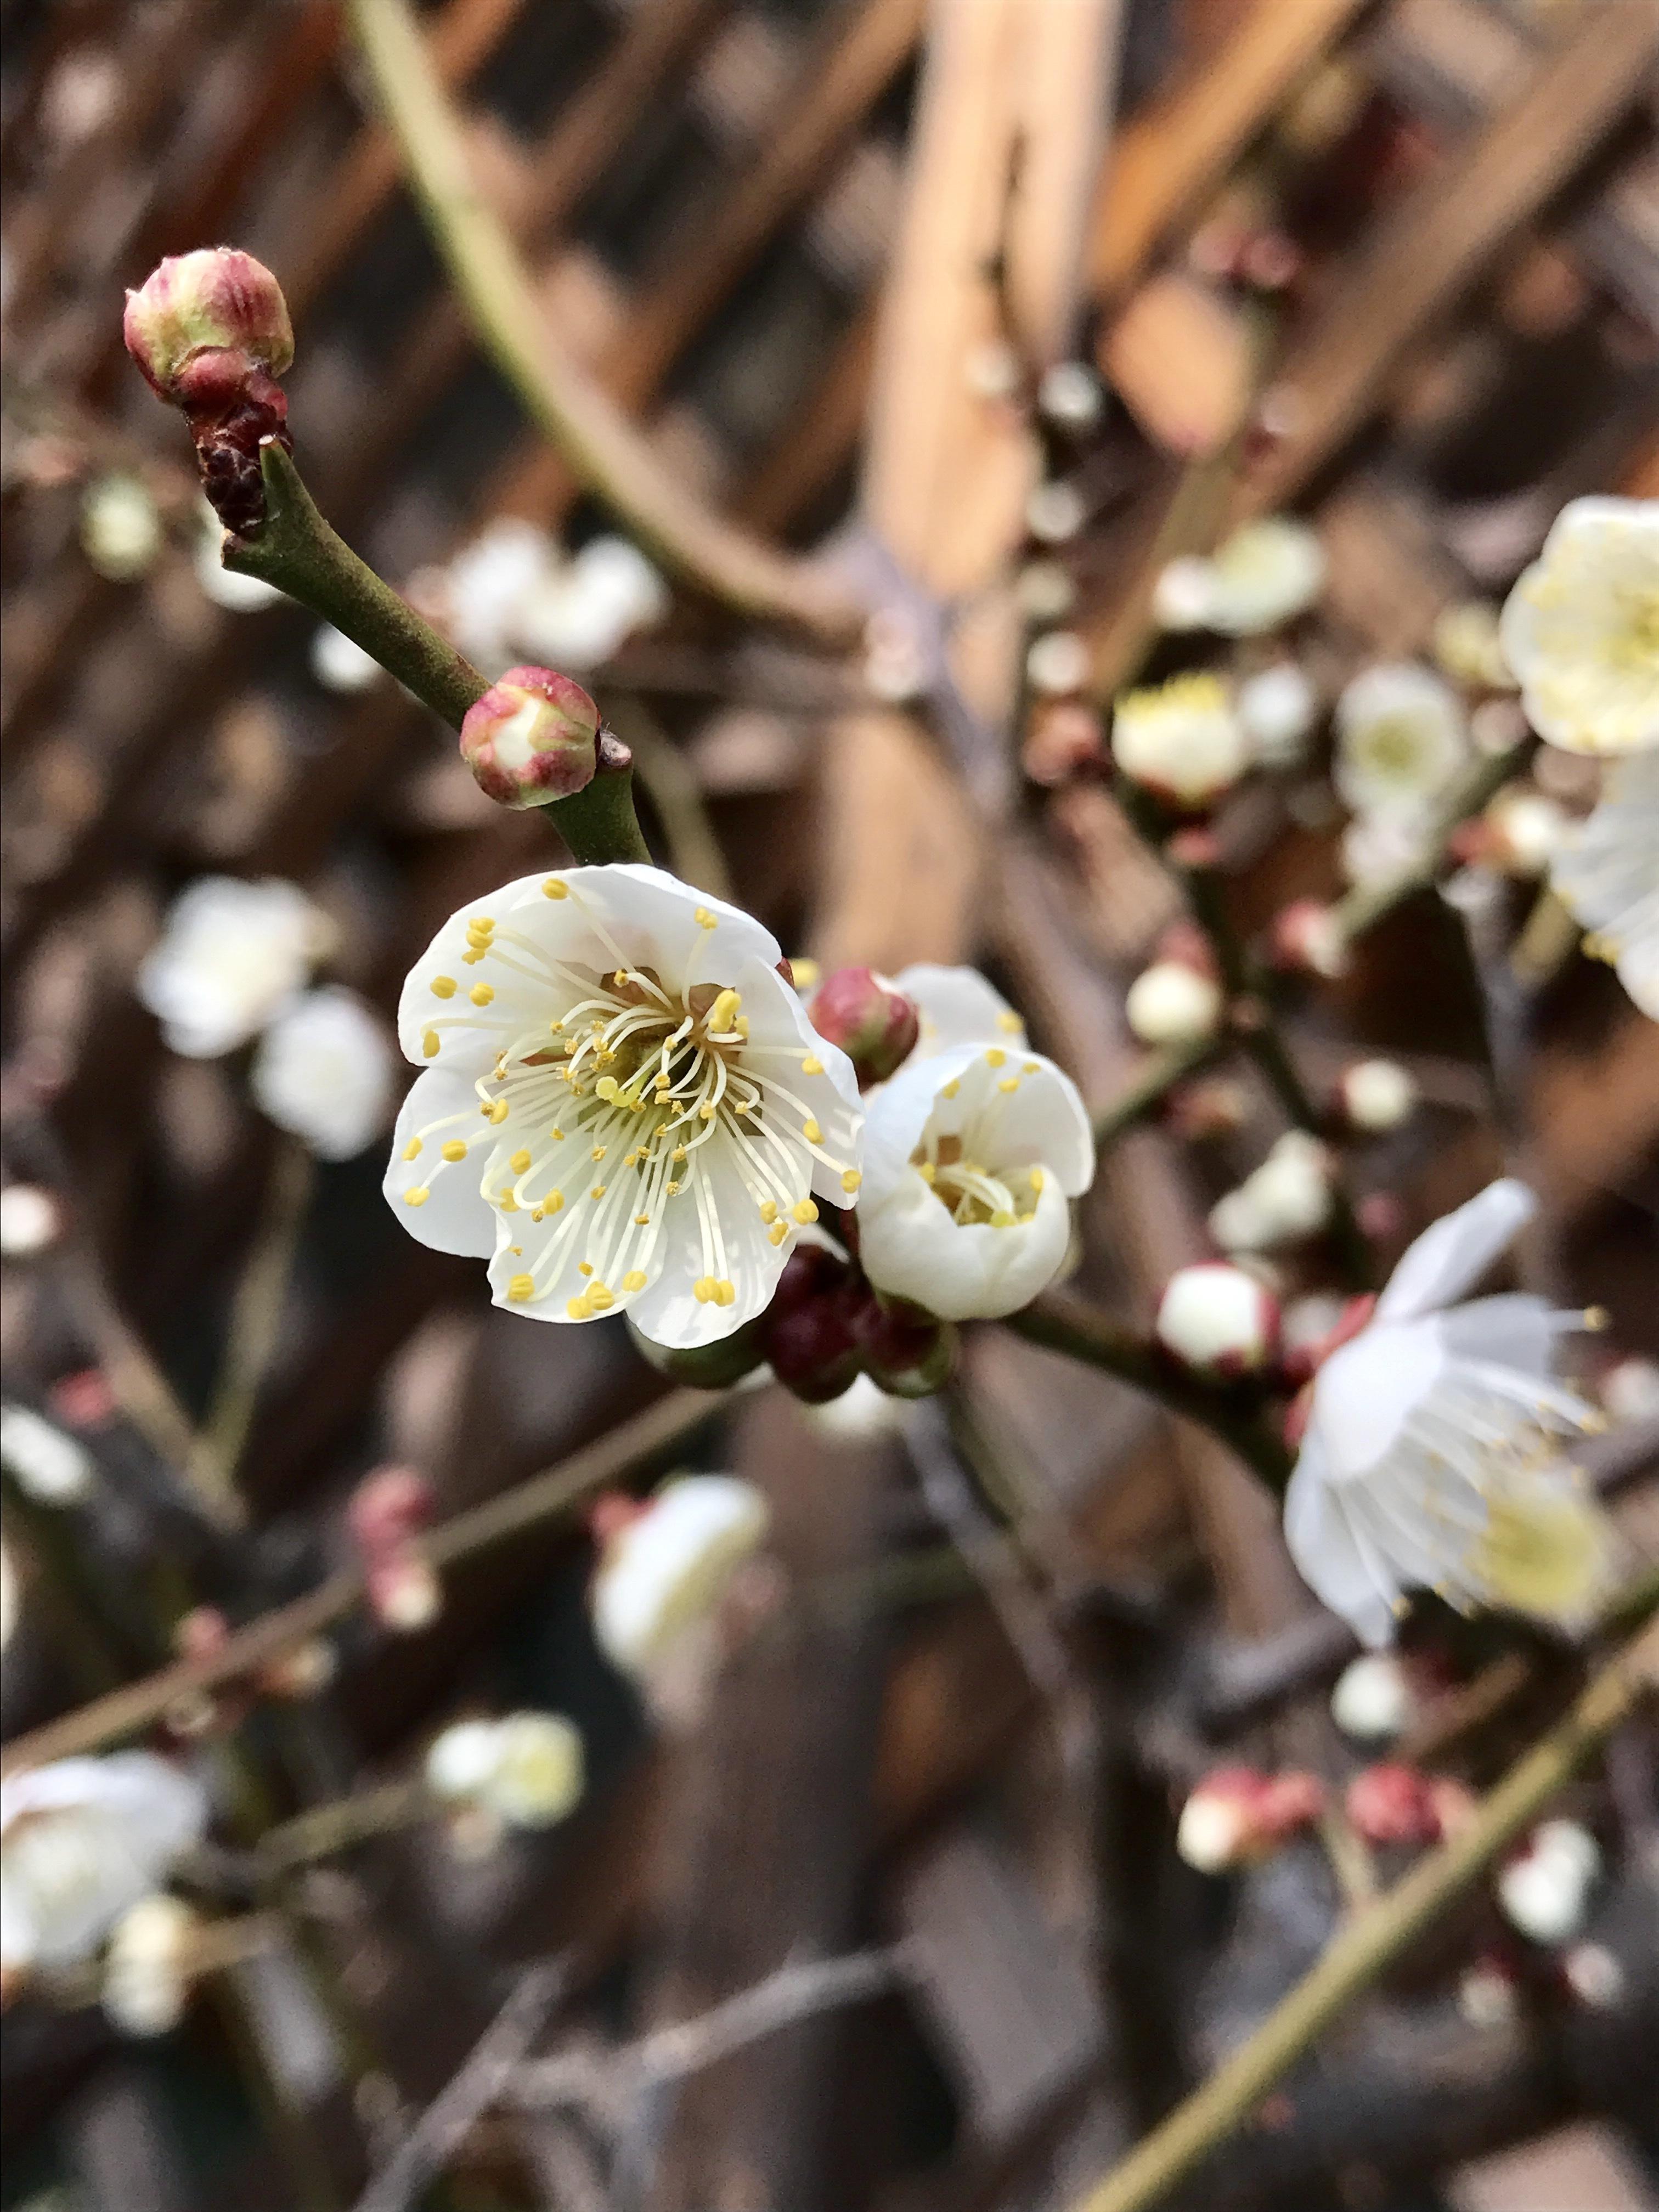 福岡に咲く梅の花